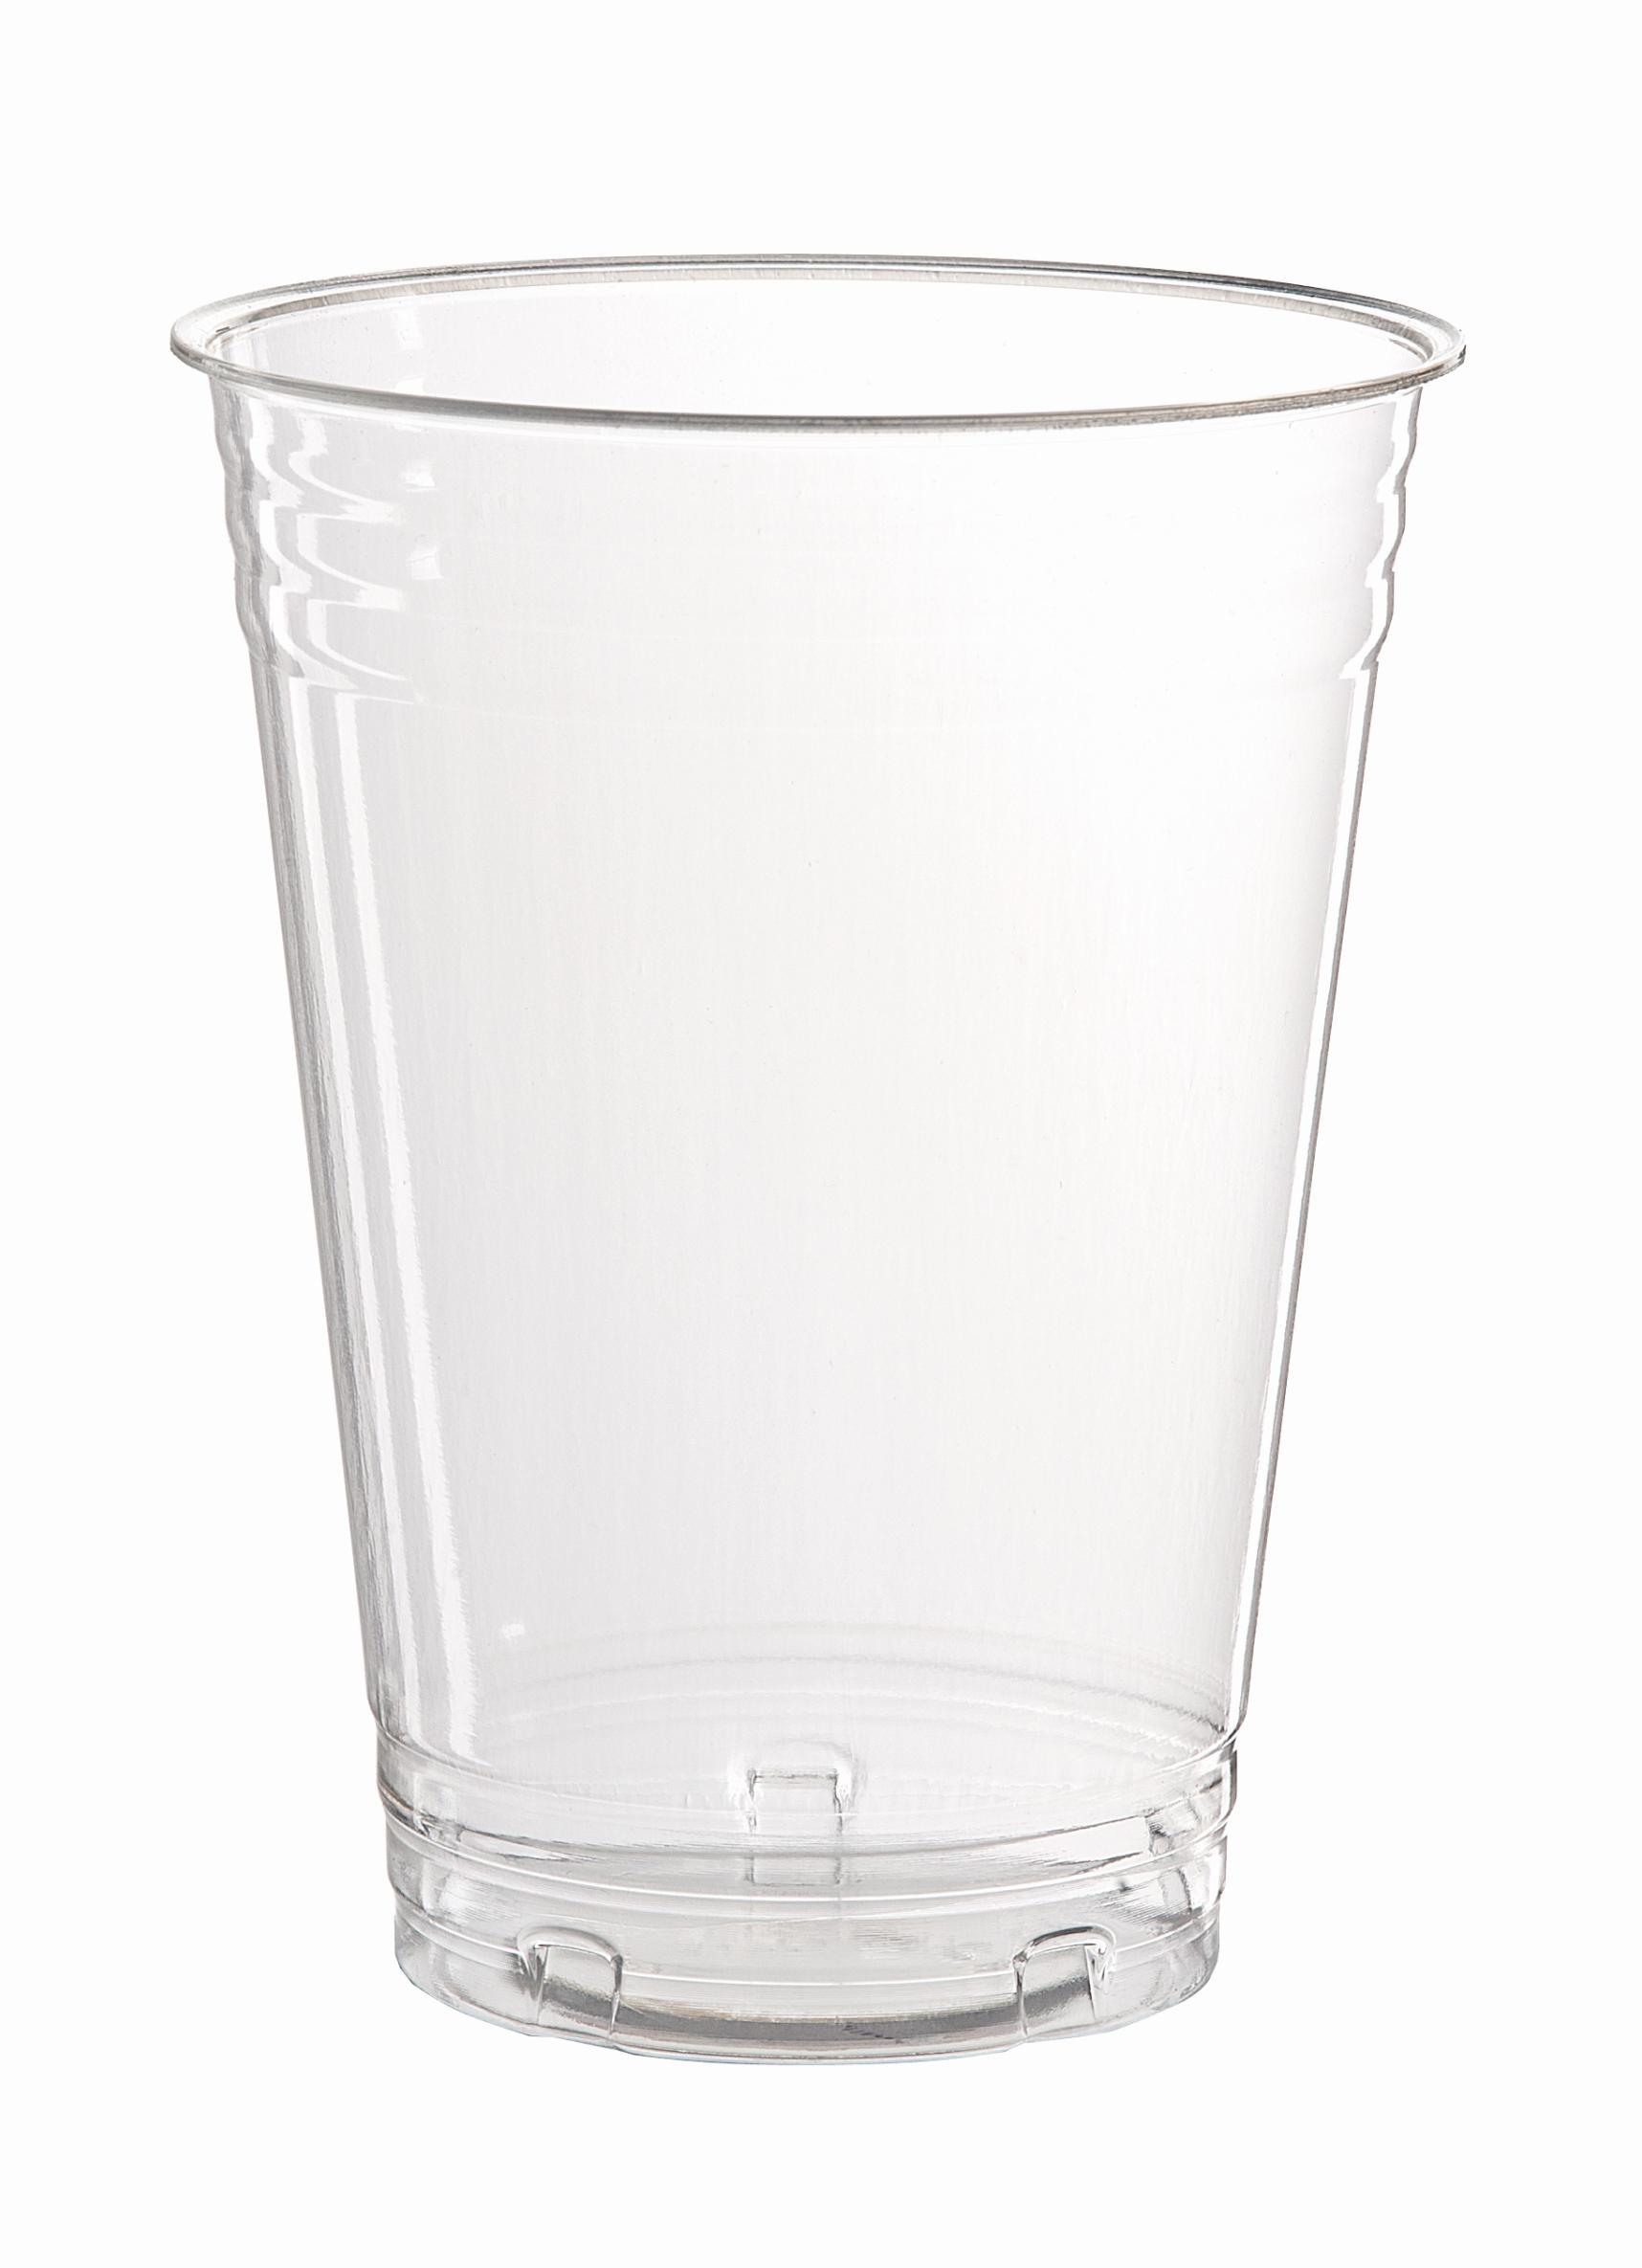 FLO Bicchieri 20 pezzi trasparenti biologici 250cc prodotto per pic nic